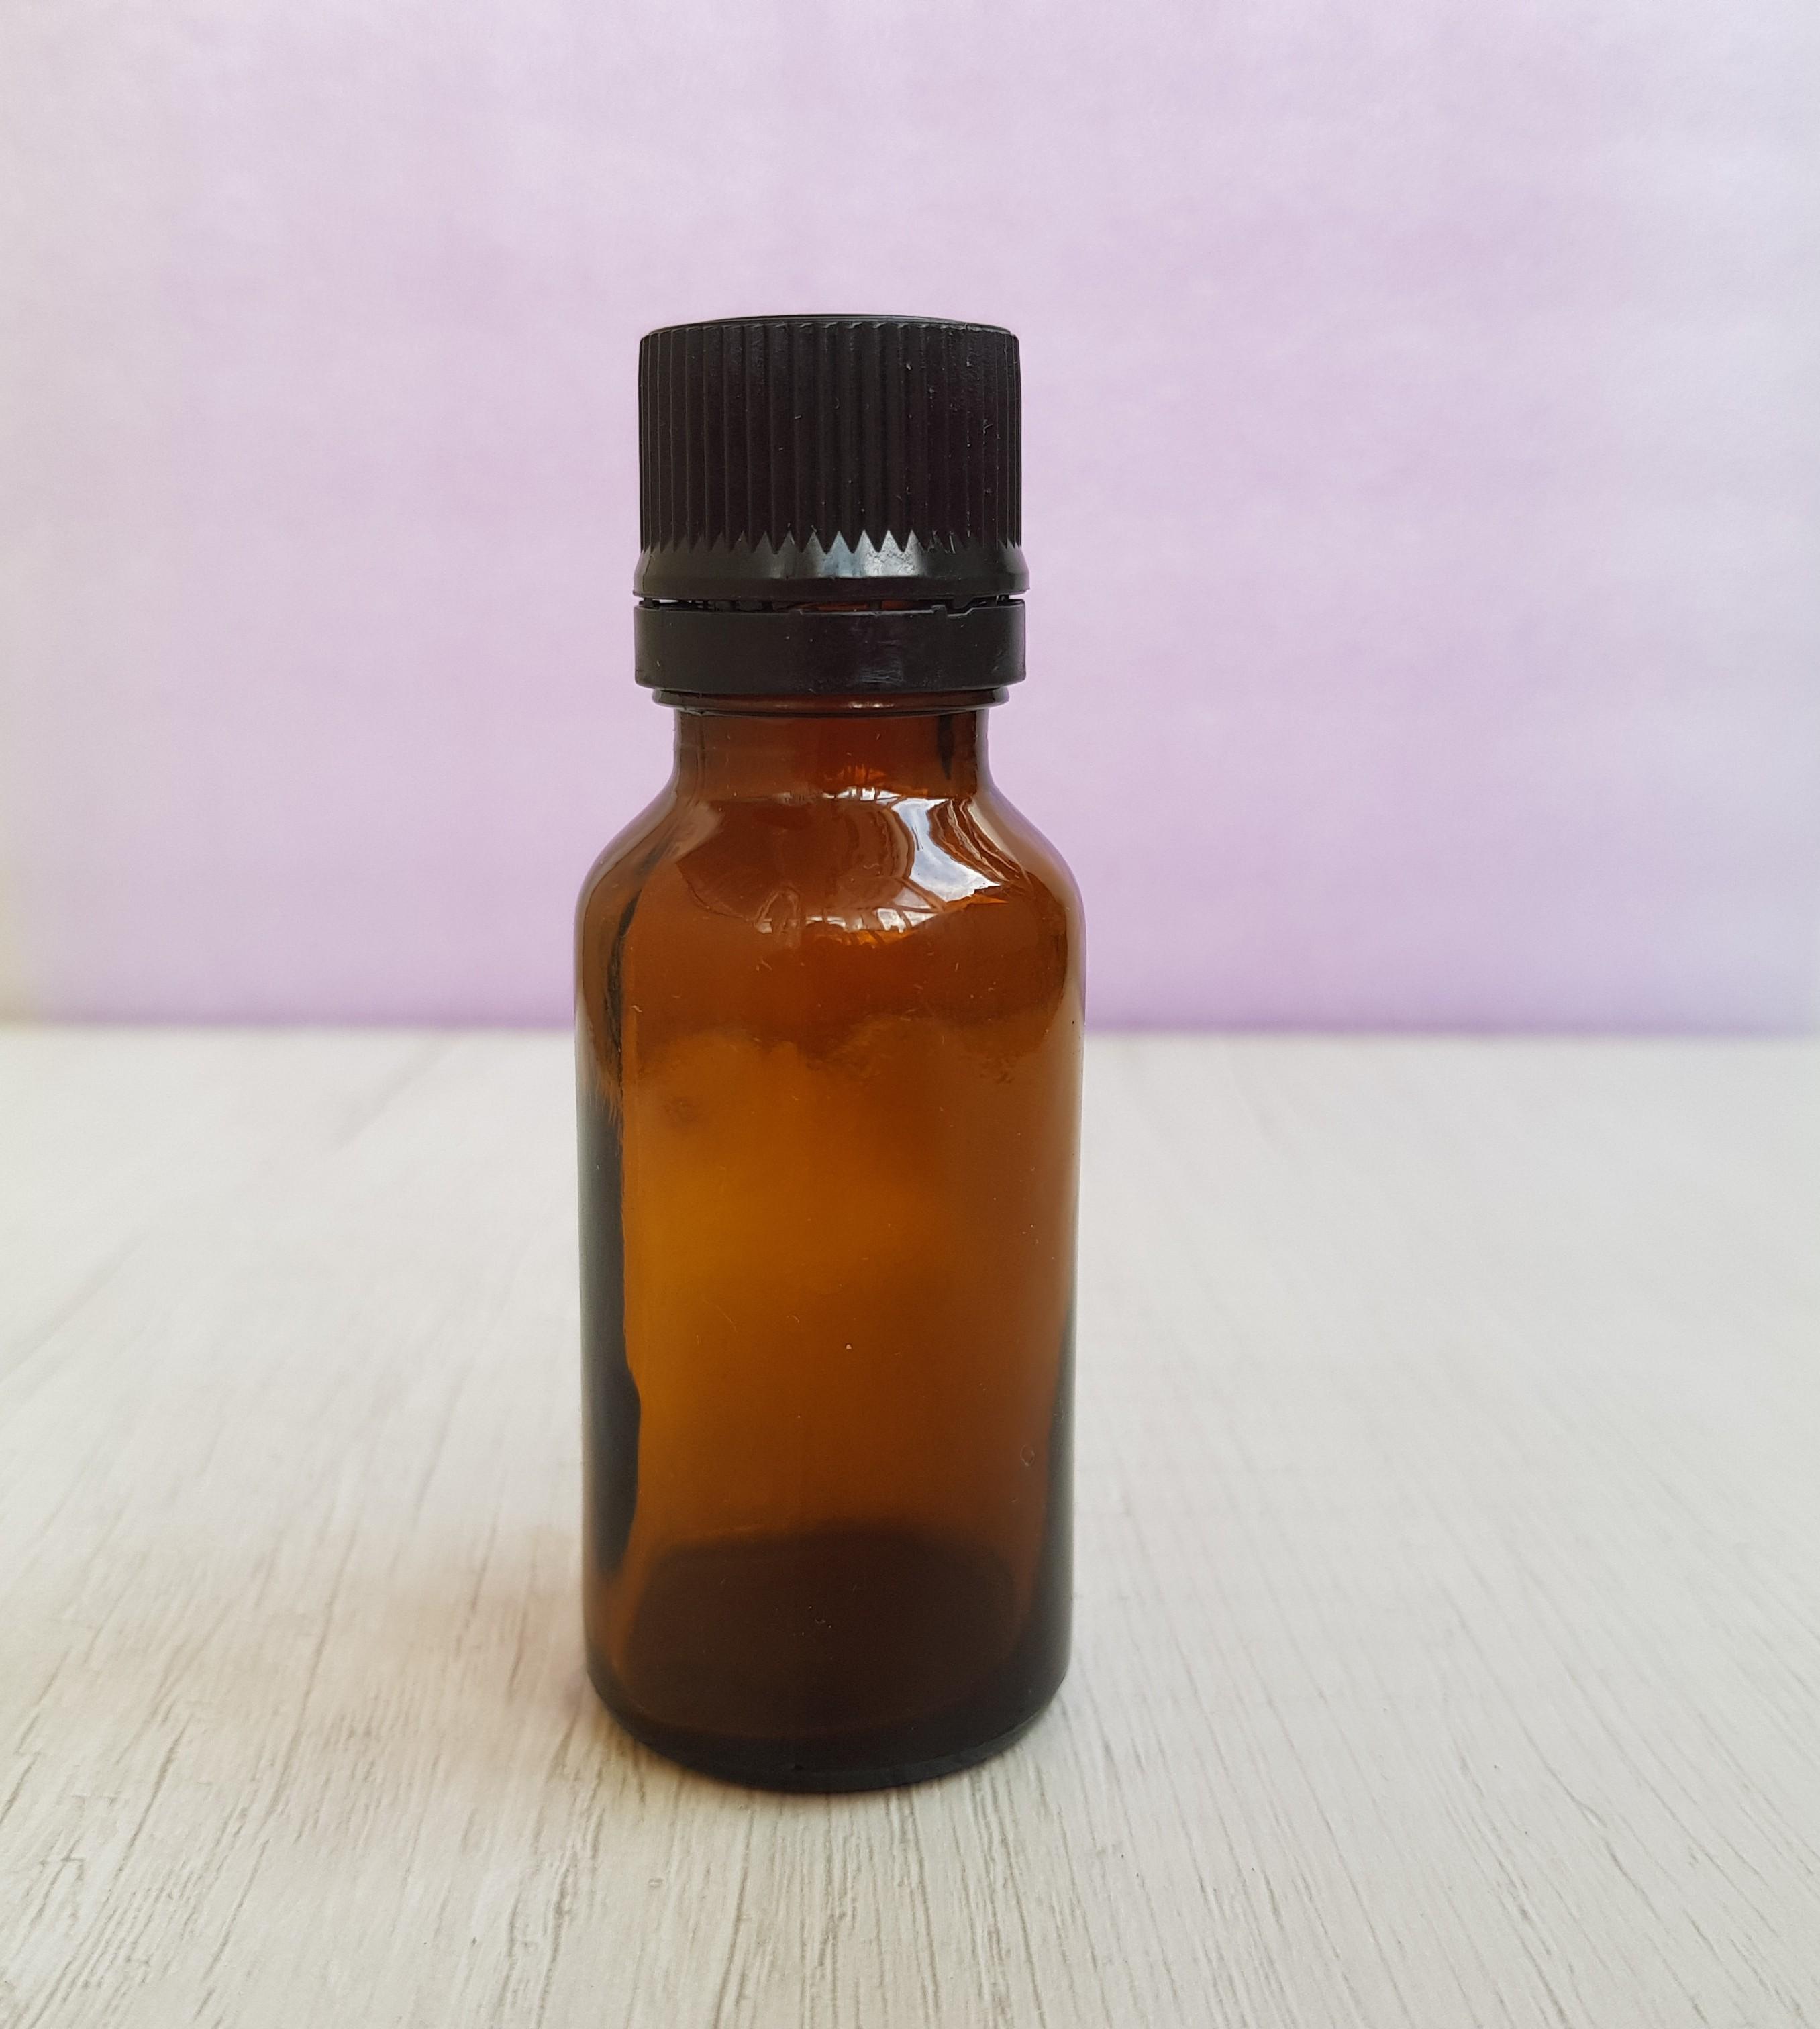 Бутылочка из темного стекла с капельным дозатором